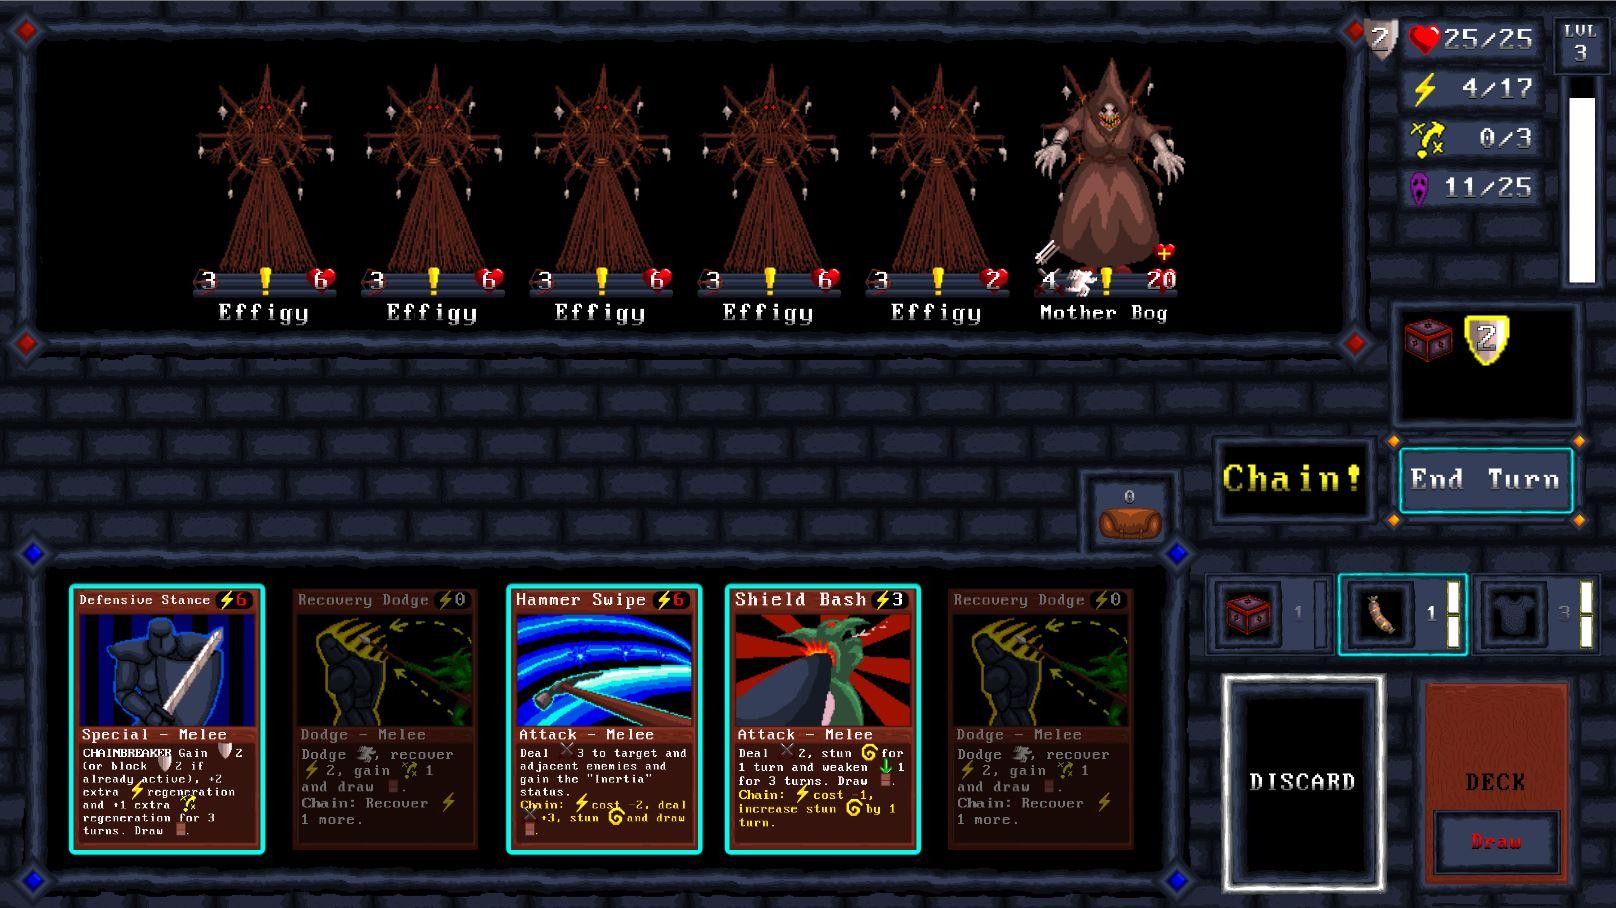 Card Quest Battle_Motherbog